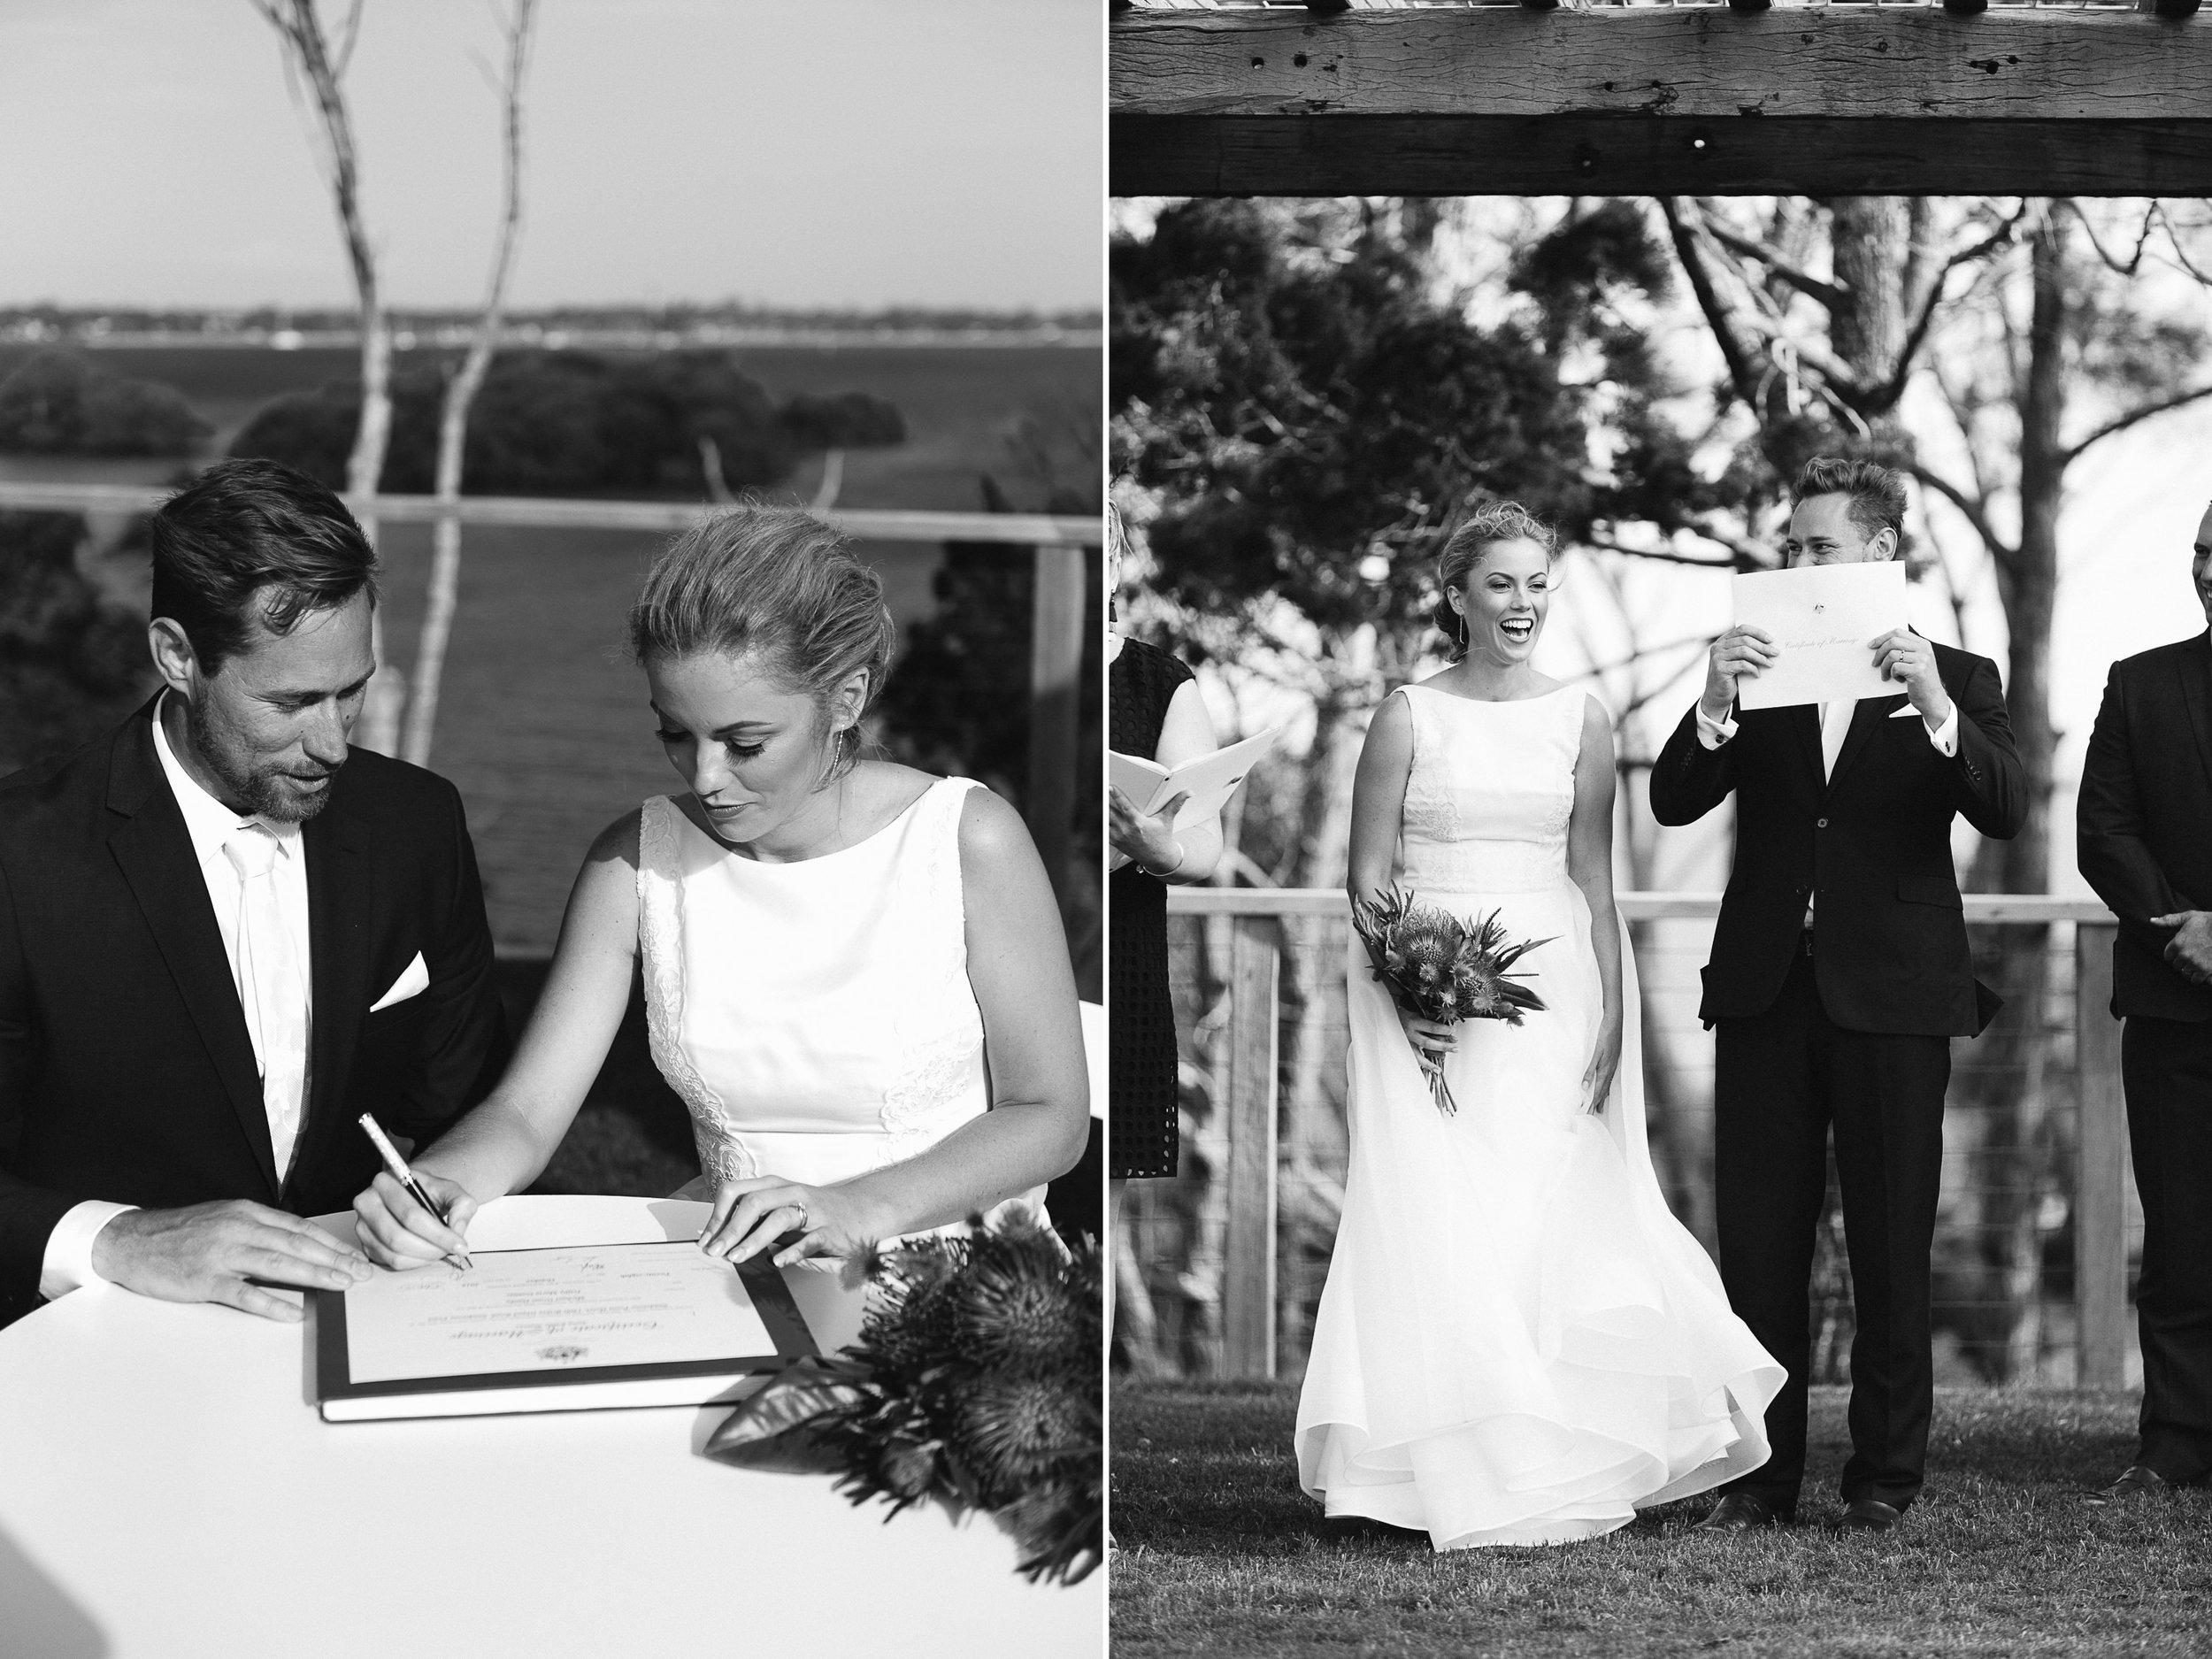 wedding-photography-brisbane-sandstone-point-hotel-bribie-island-16.jpg